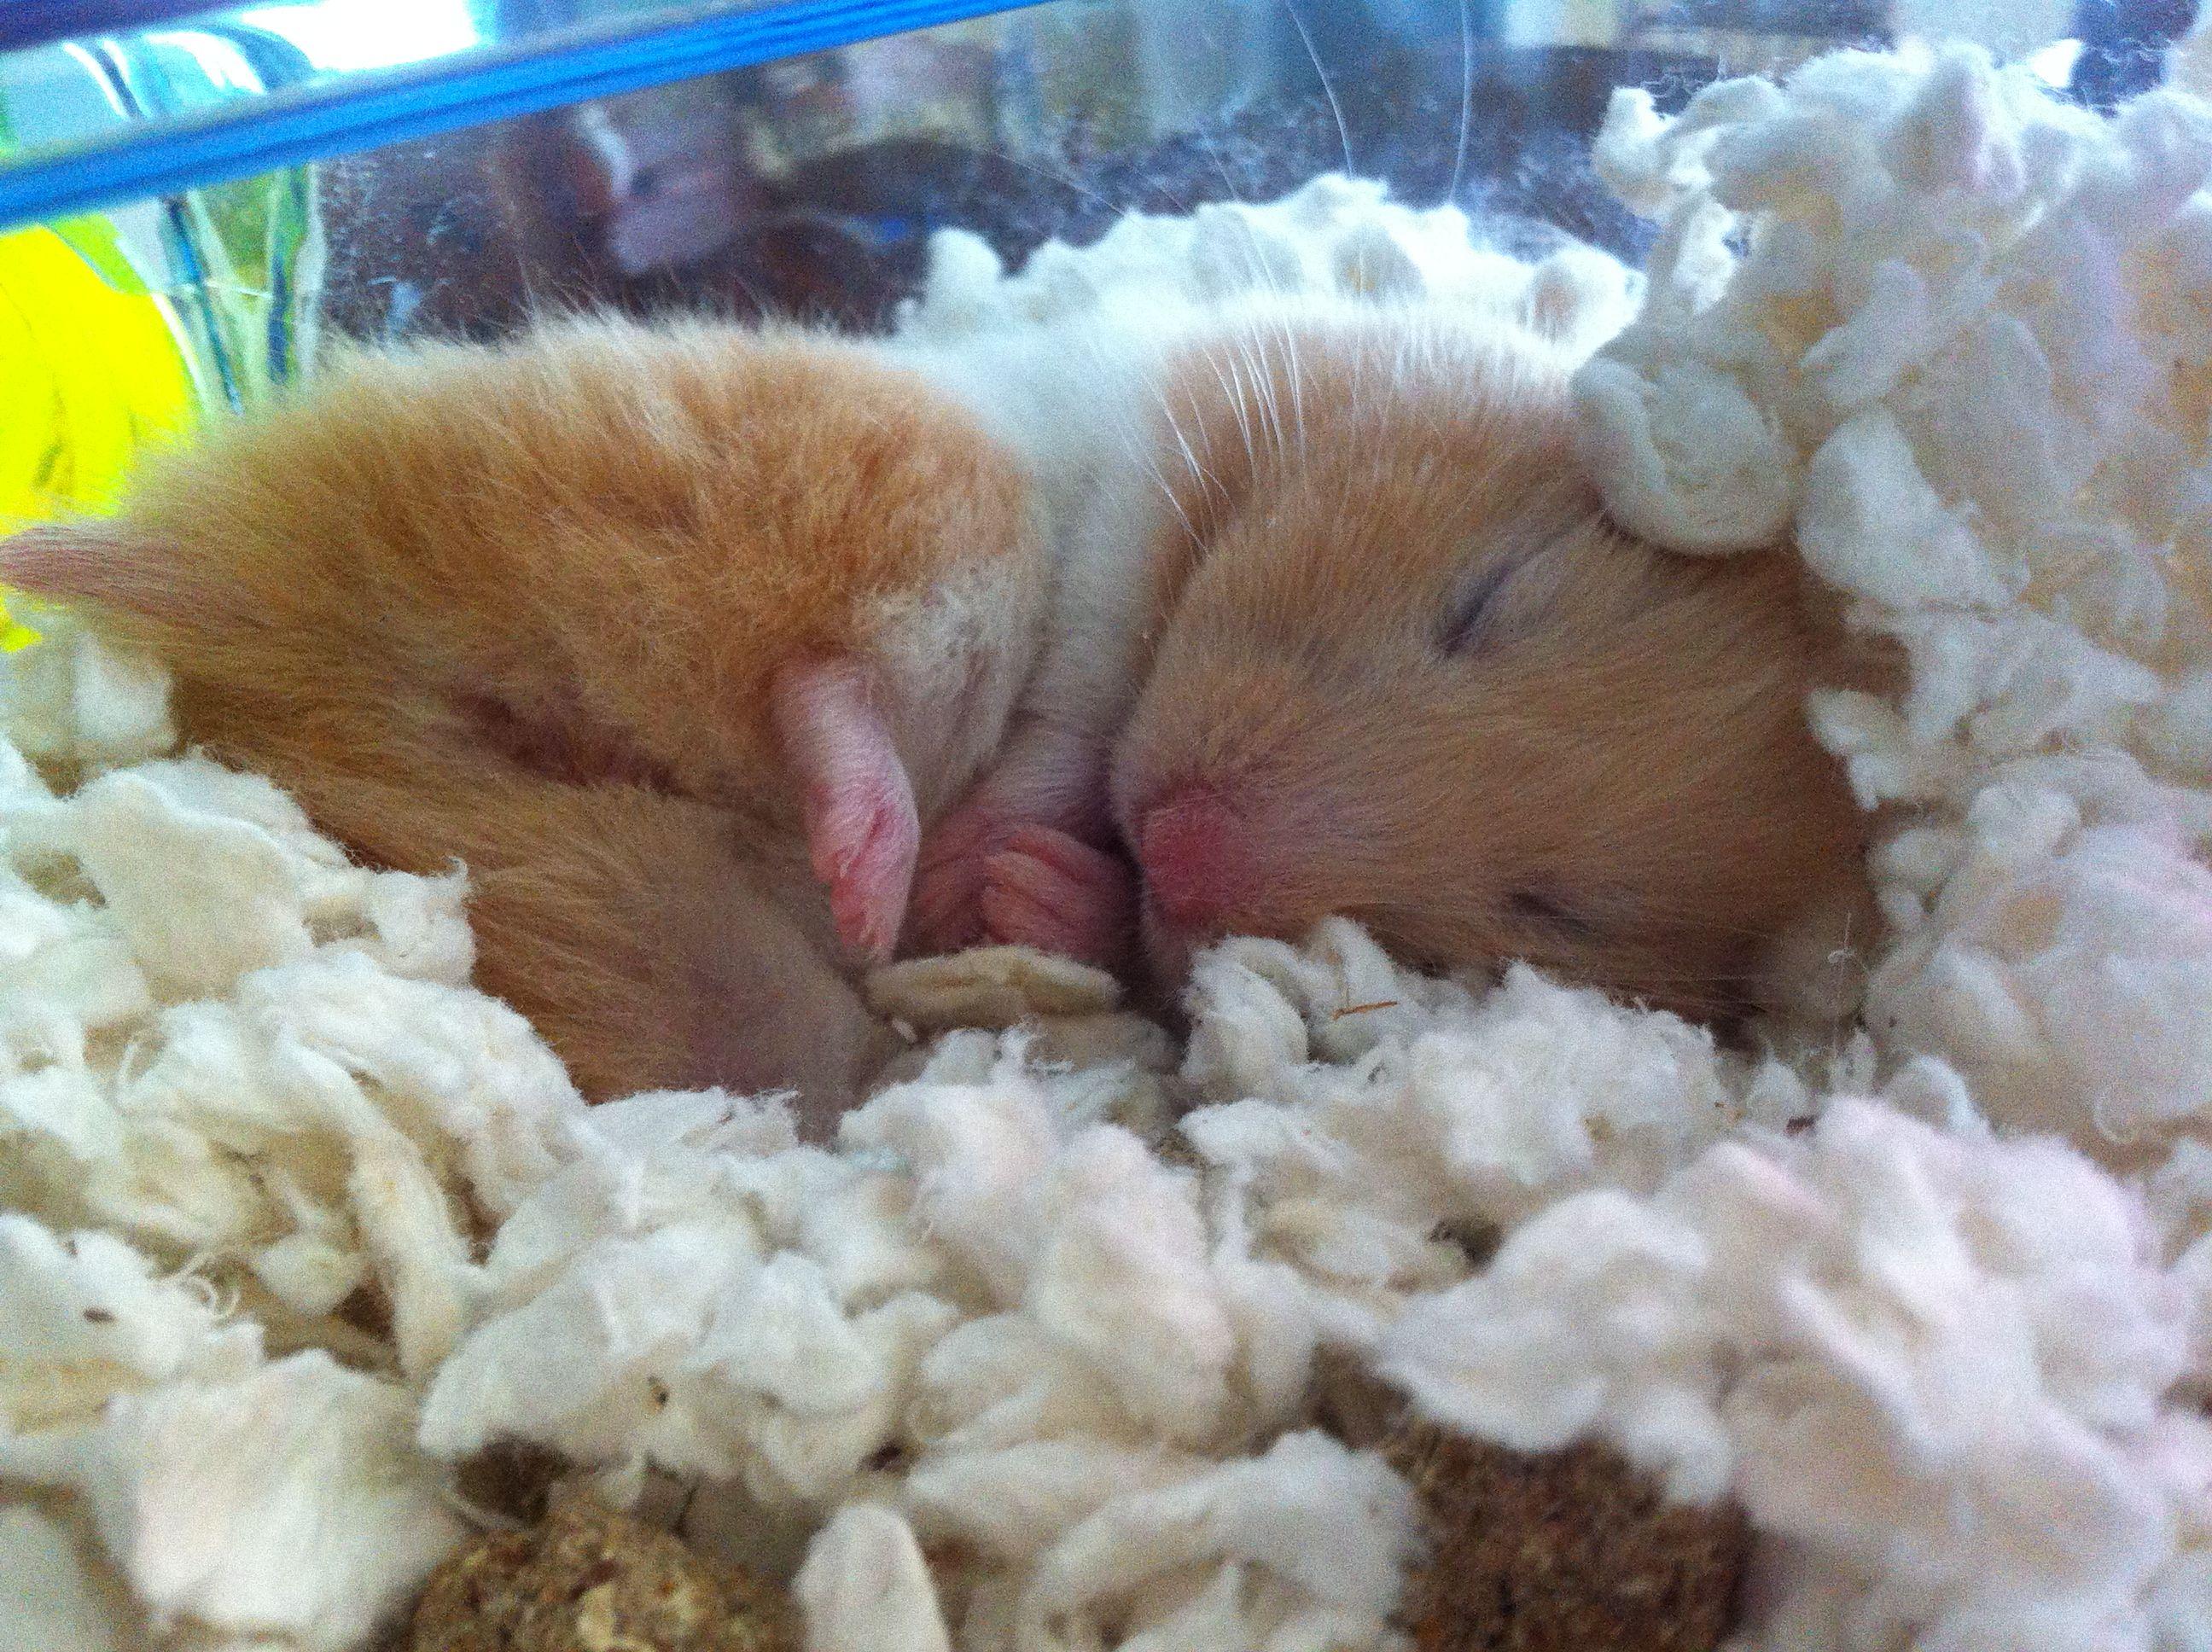 My adorable teddy bear hamster - 2482.6KB